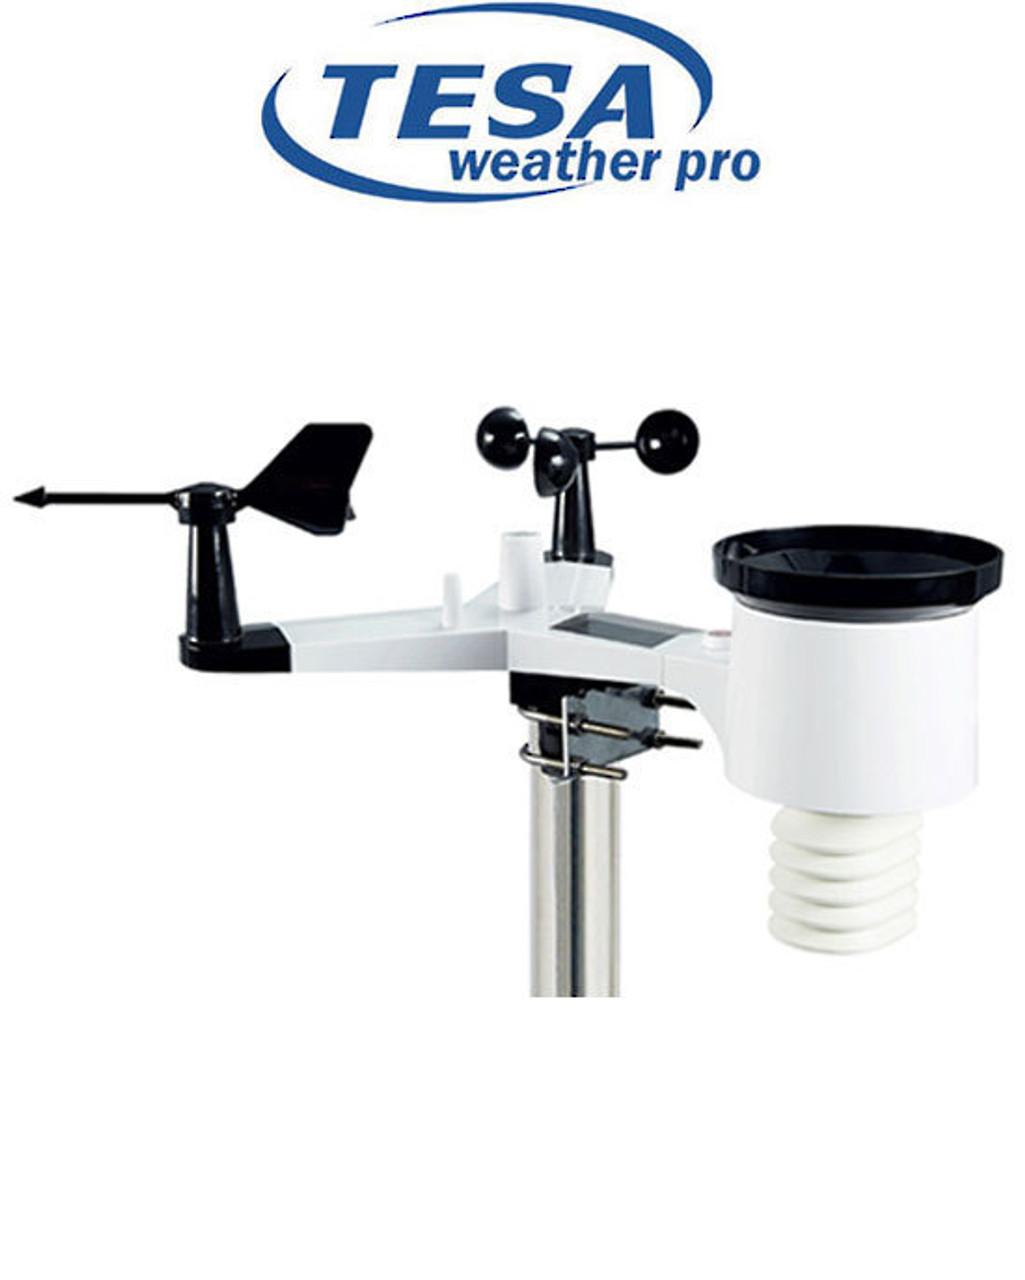 TESA WS2980C-Pro Colour WiFi Weather Station